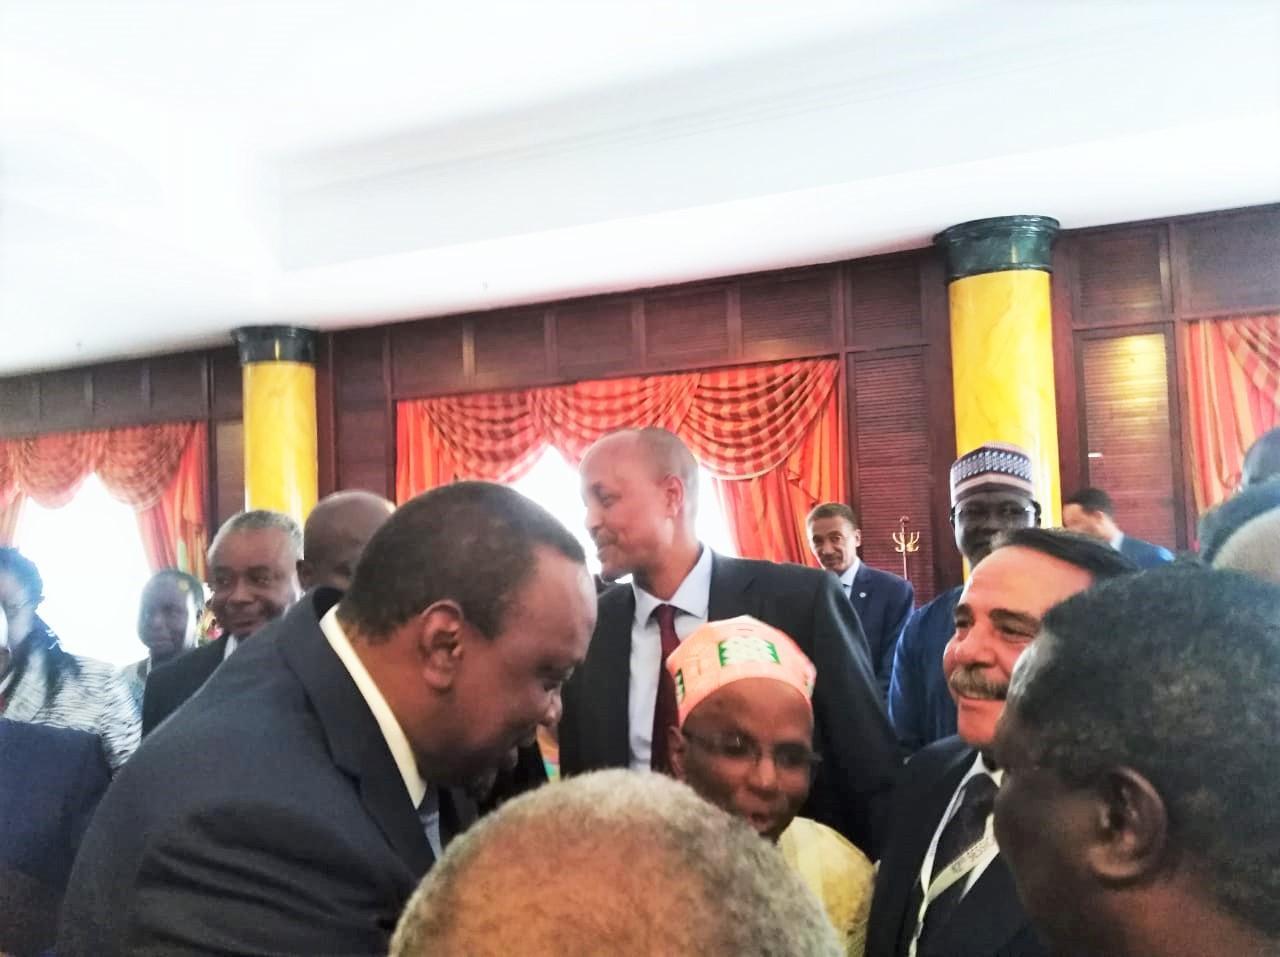 الرئيس الكينى امام مؤتمر عمال افريقيا .. نتطلع لدوركم في توفير الرفاهية لشعوب القارة